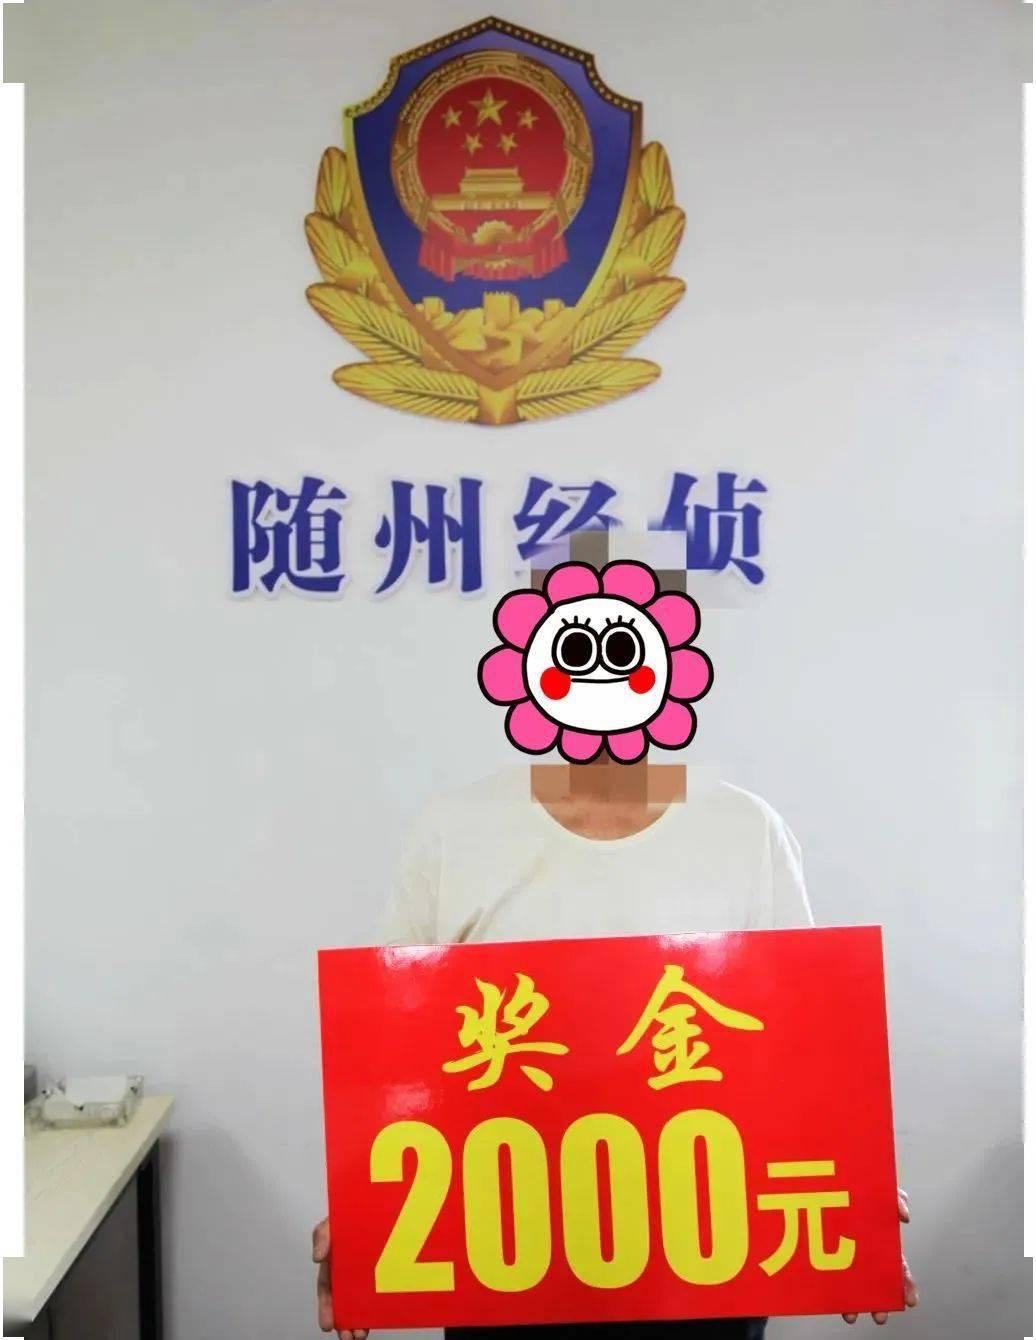 随州市公安局向举报非法集资犯罪线索群众兑现奖金!